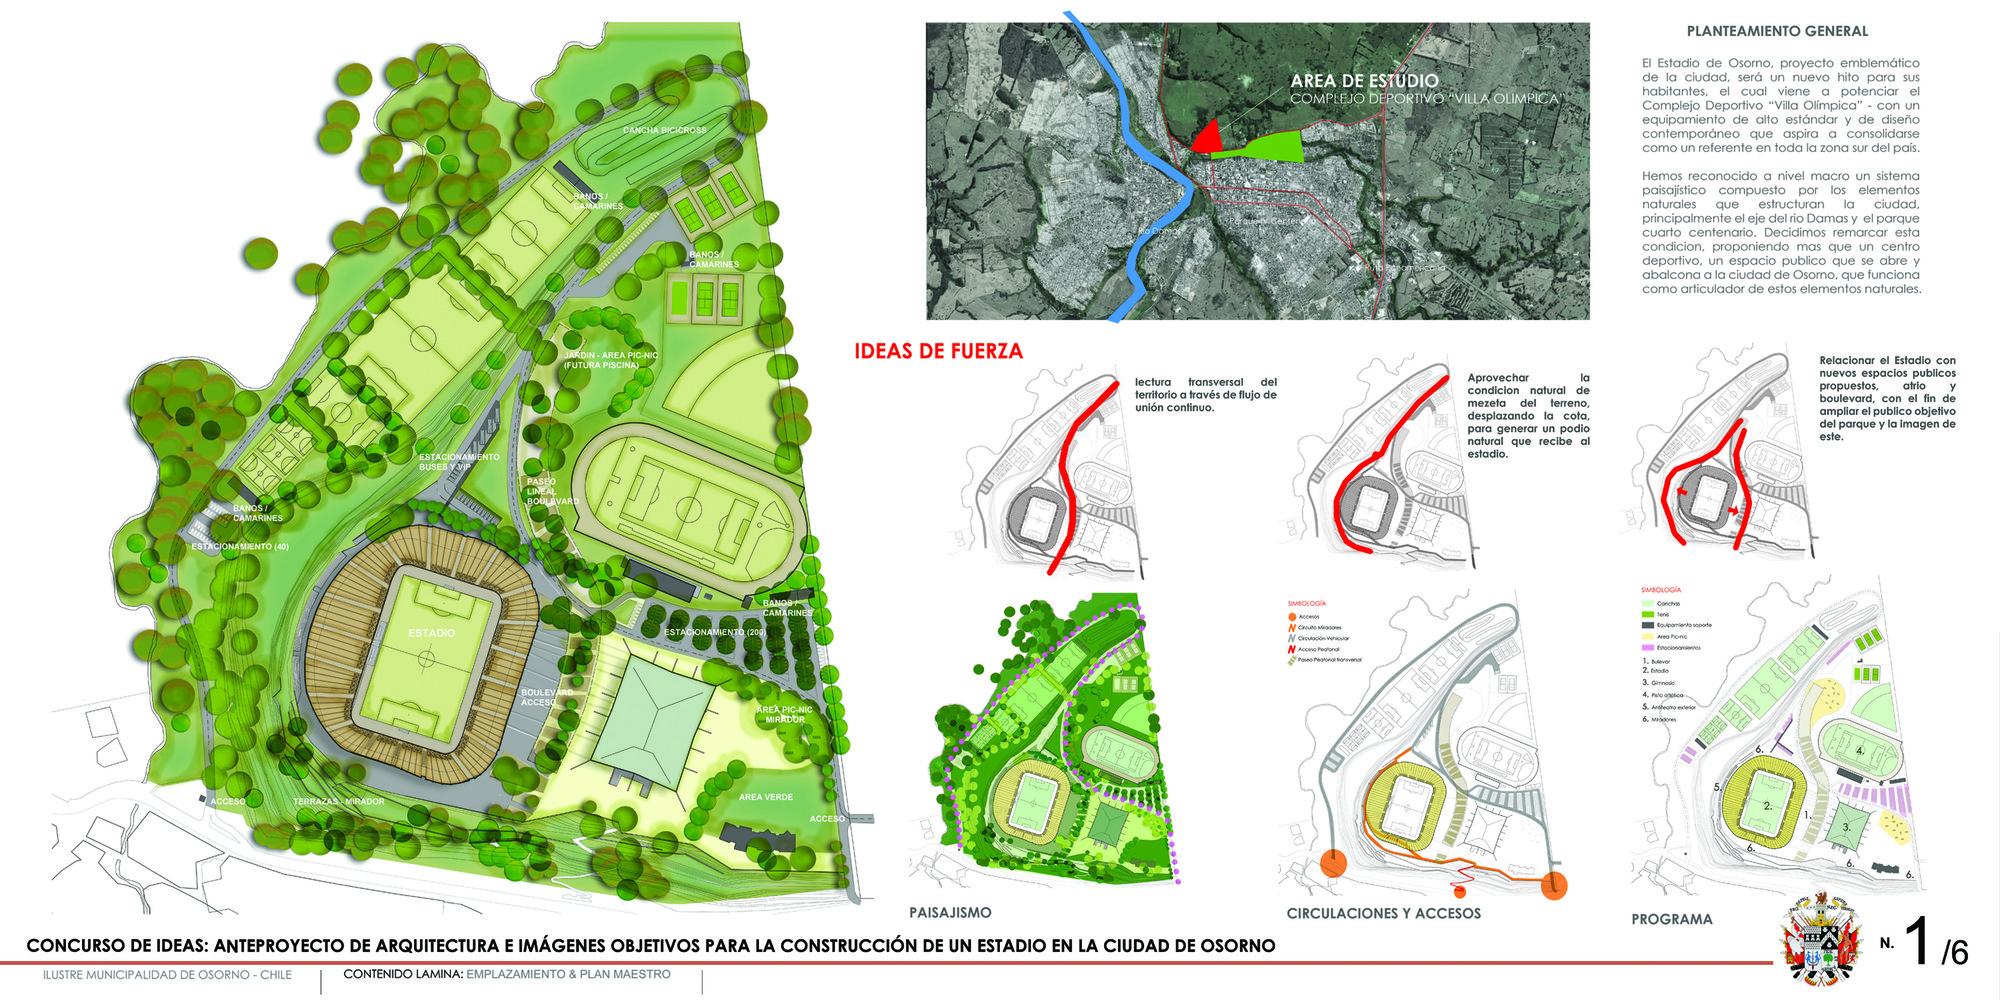 Tercer lugar en concurso de ideas para nuevo estadio de - Complejo deportivo el mayorazgo ...